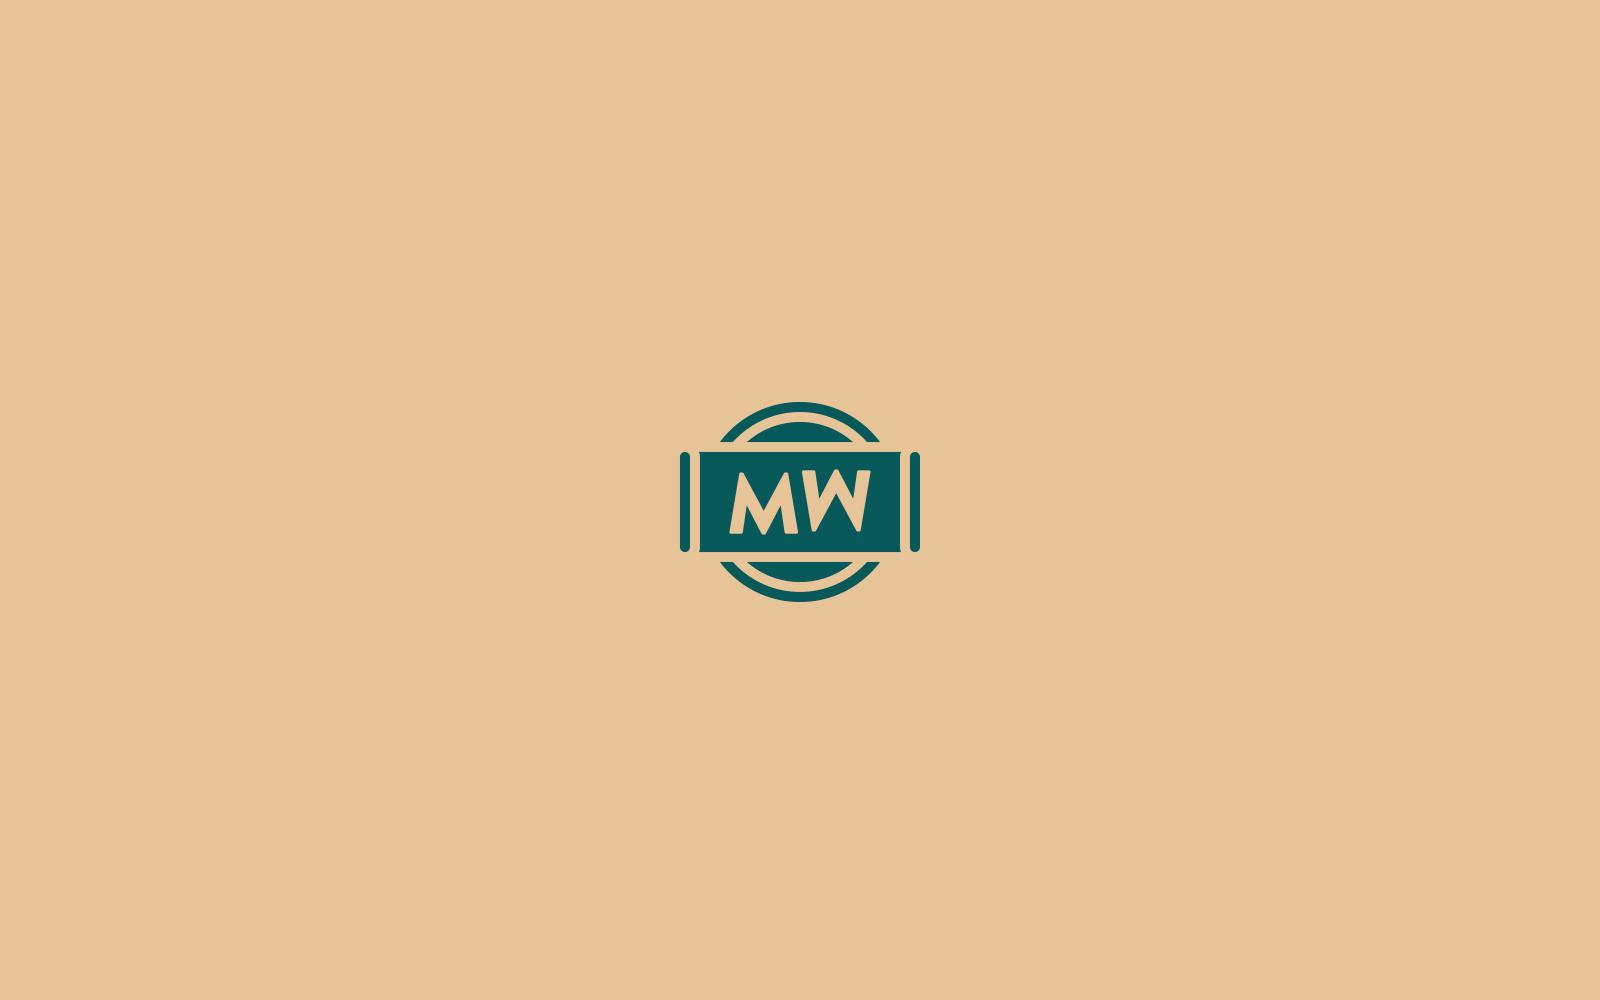 Müller Kartonagen- und Hülsenfabrik – Logovariante reduziert